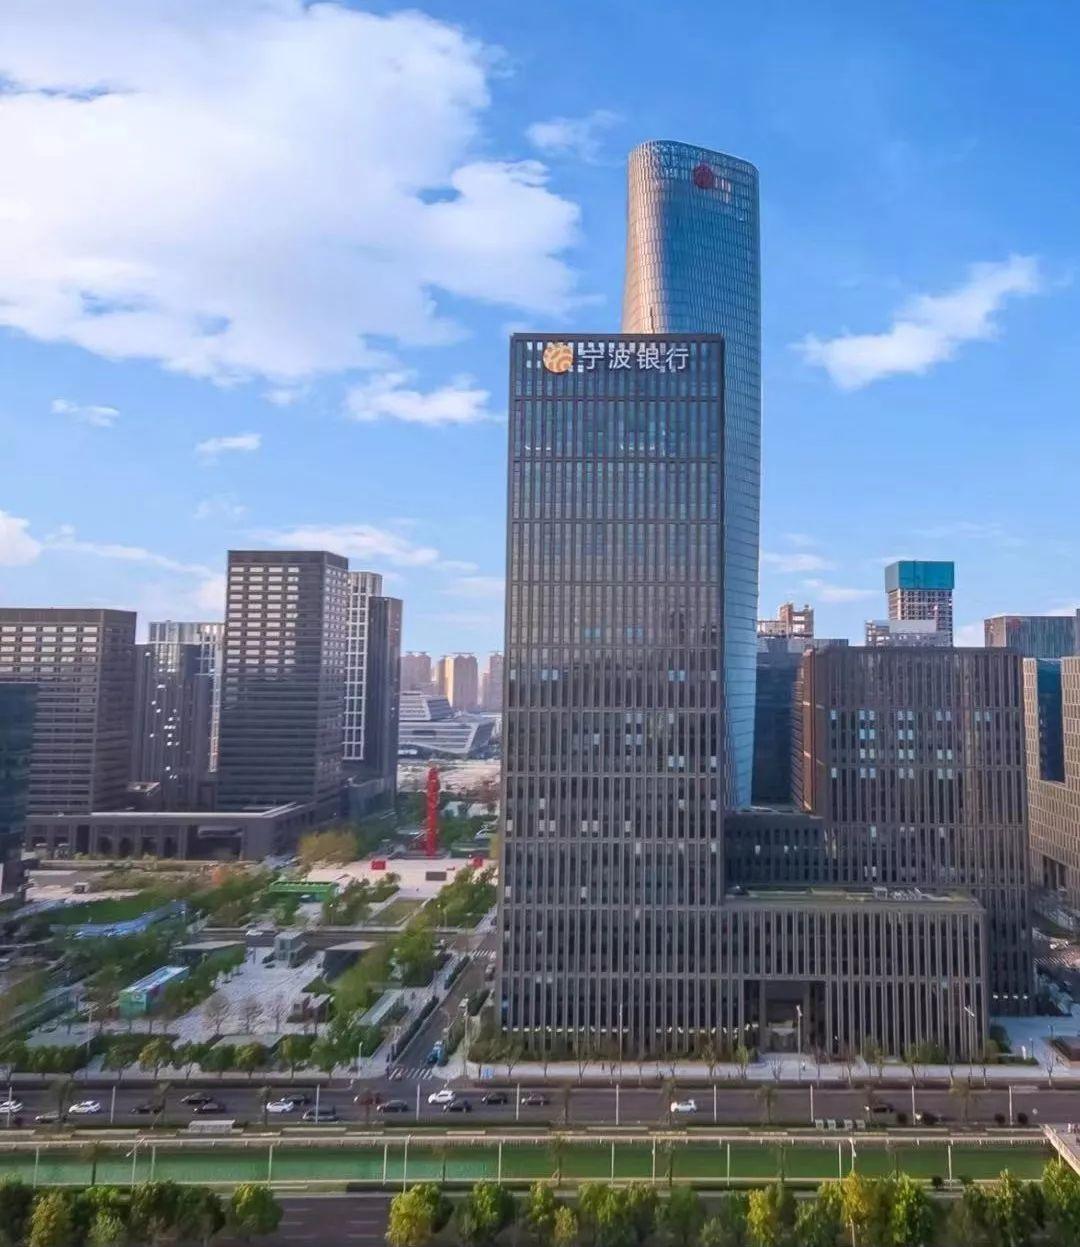 宁波银行的定力:深耕实体才是穿越周期的法宝 | 愉见财经